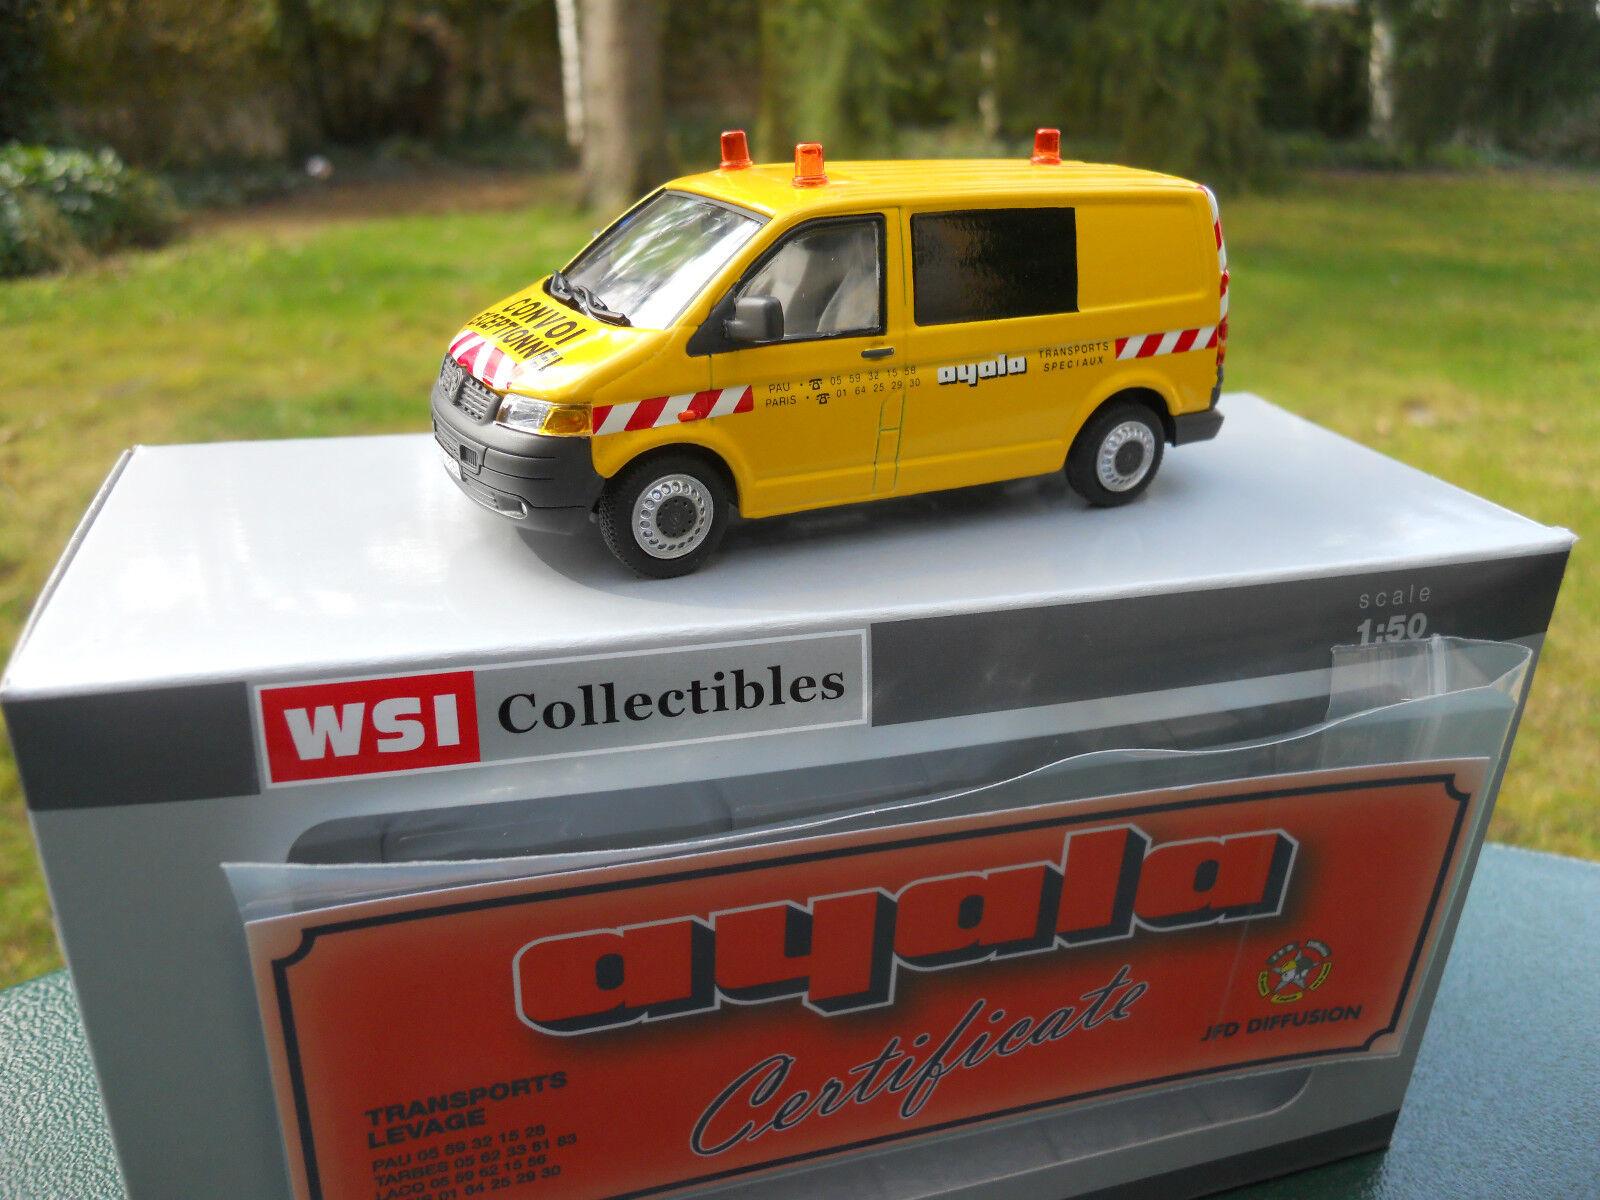 WSI MODELOS 02-1532 VW TRANSPORTER COCHE ACOMPAÑAMIENTO DE AYALA EXCLUSIVO JFD